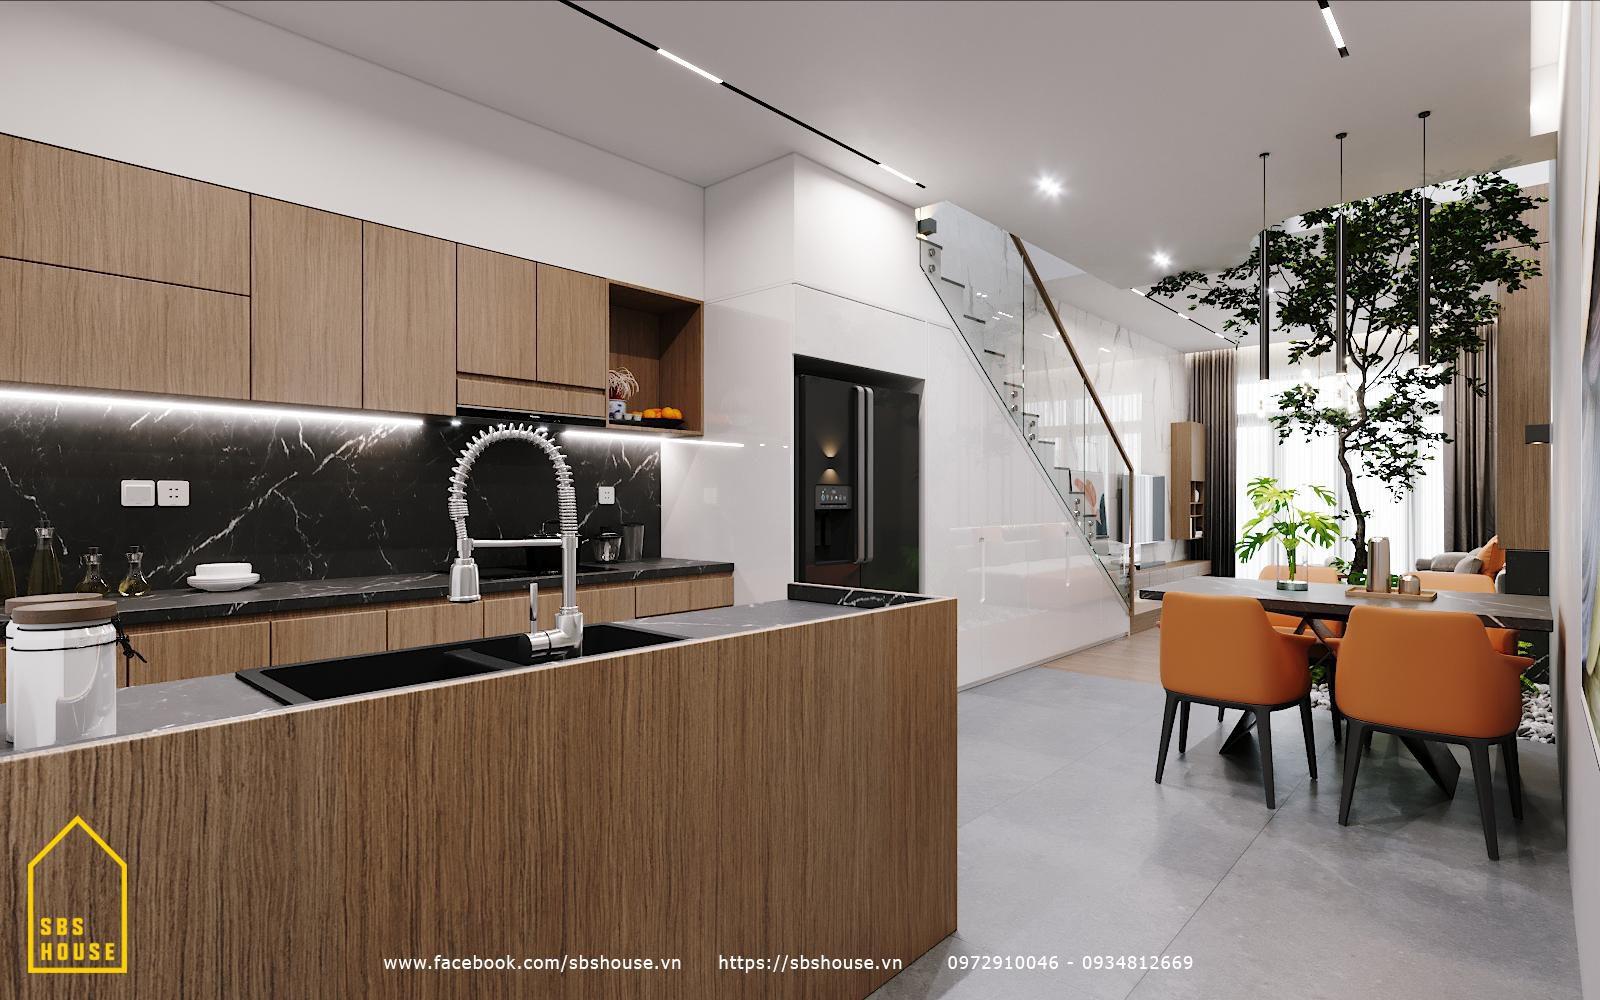 Thiết kế phòng bếp hiện đại sang trọng